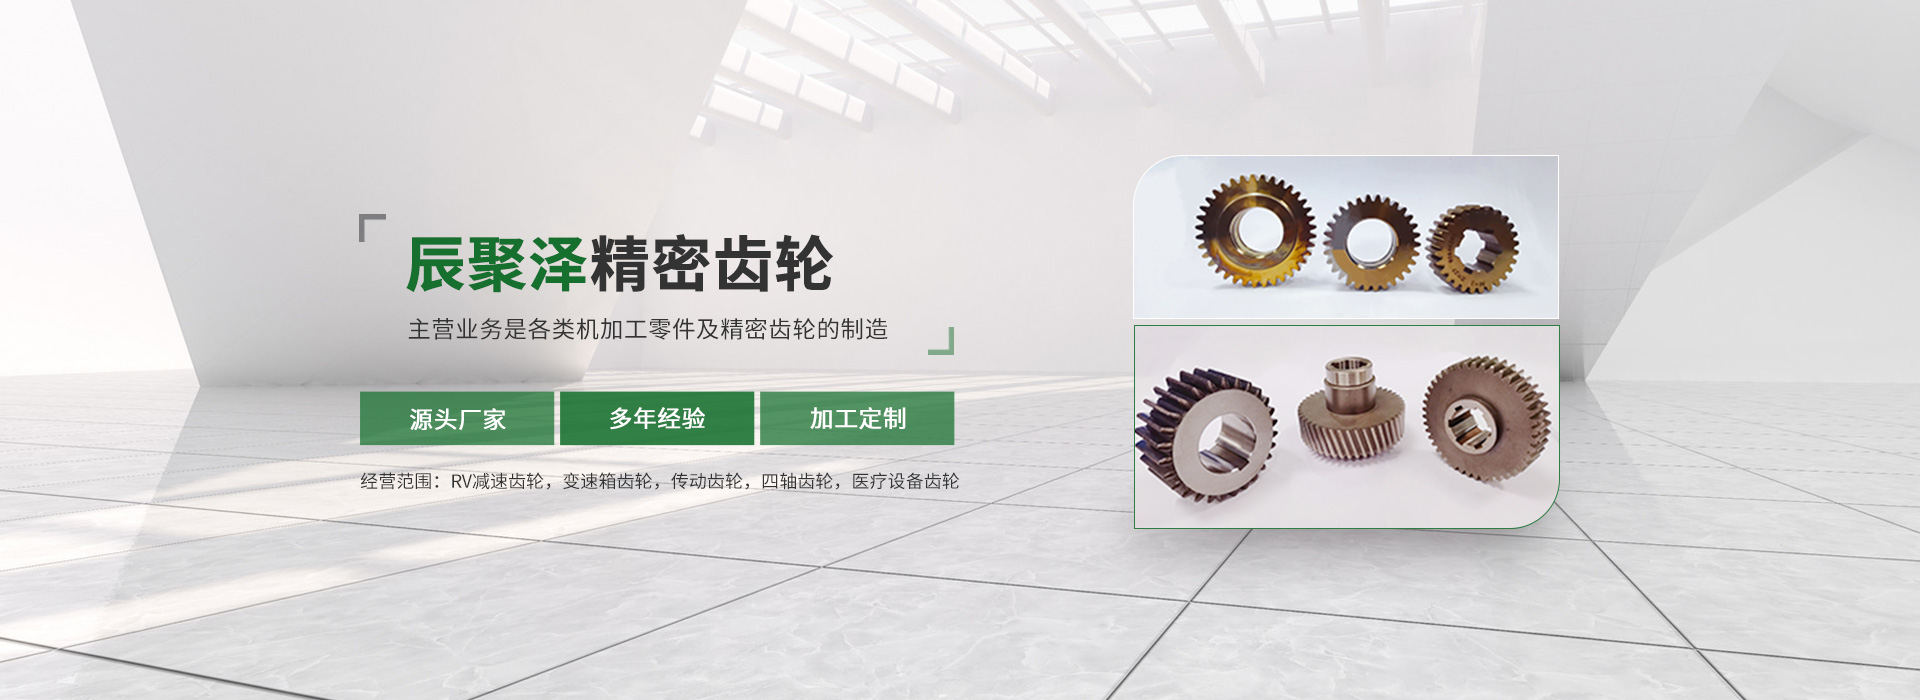 齿轮生产加工厂家